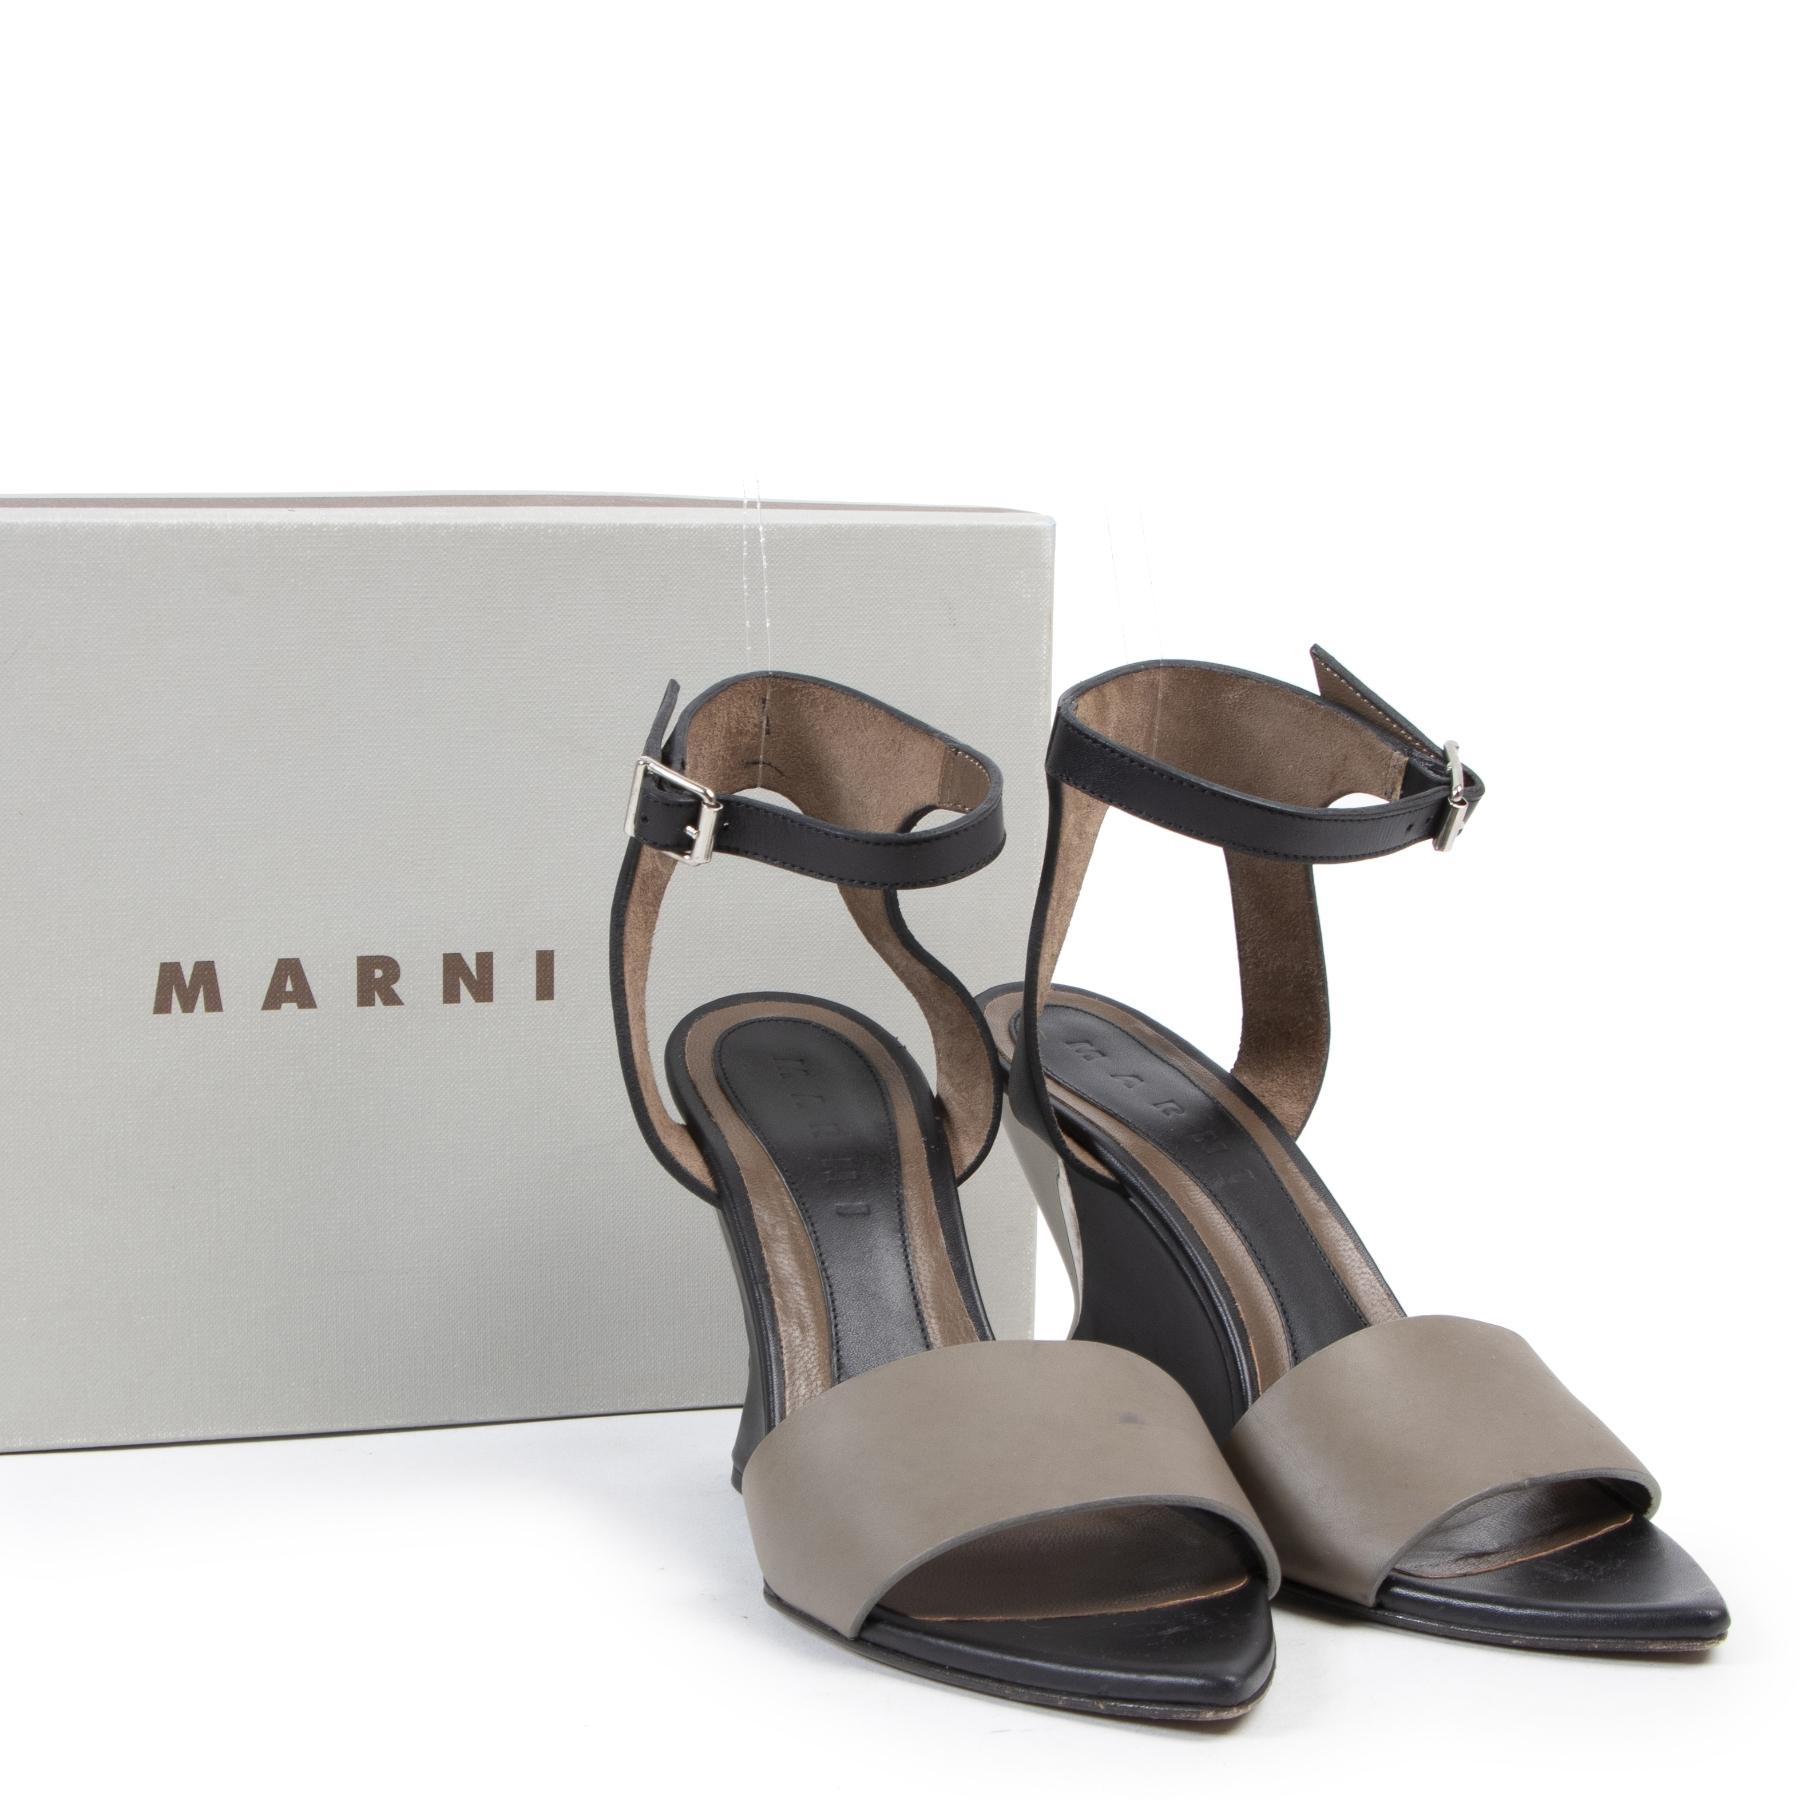 Online tweedehands Marni schoenen. Betaal veilig en online bij LabelLOV Antwerpen.